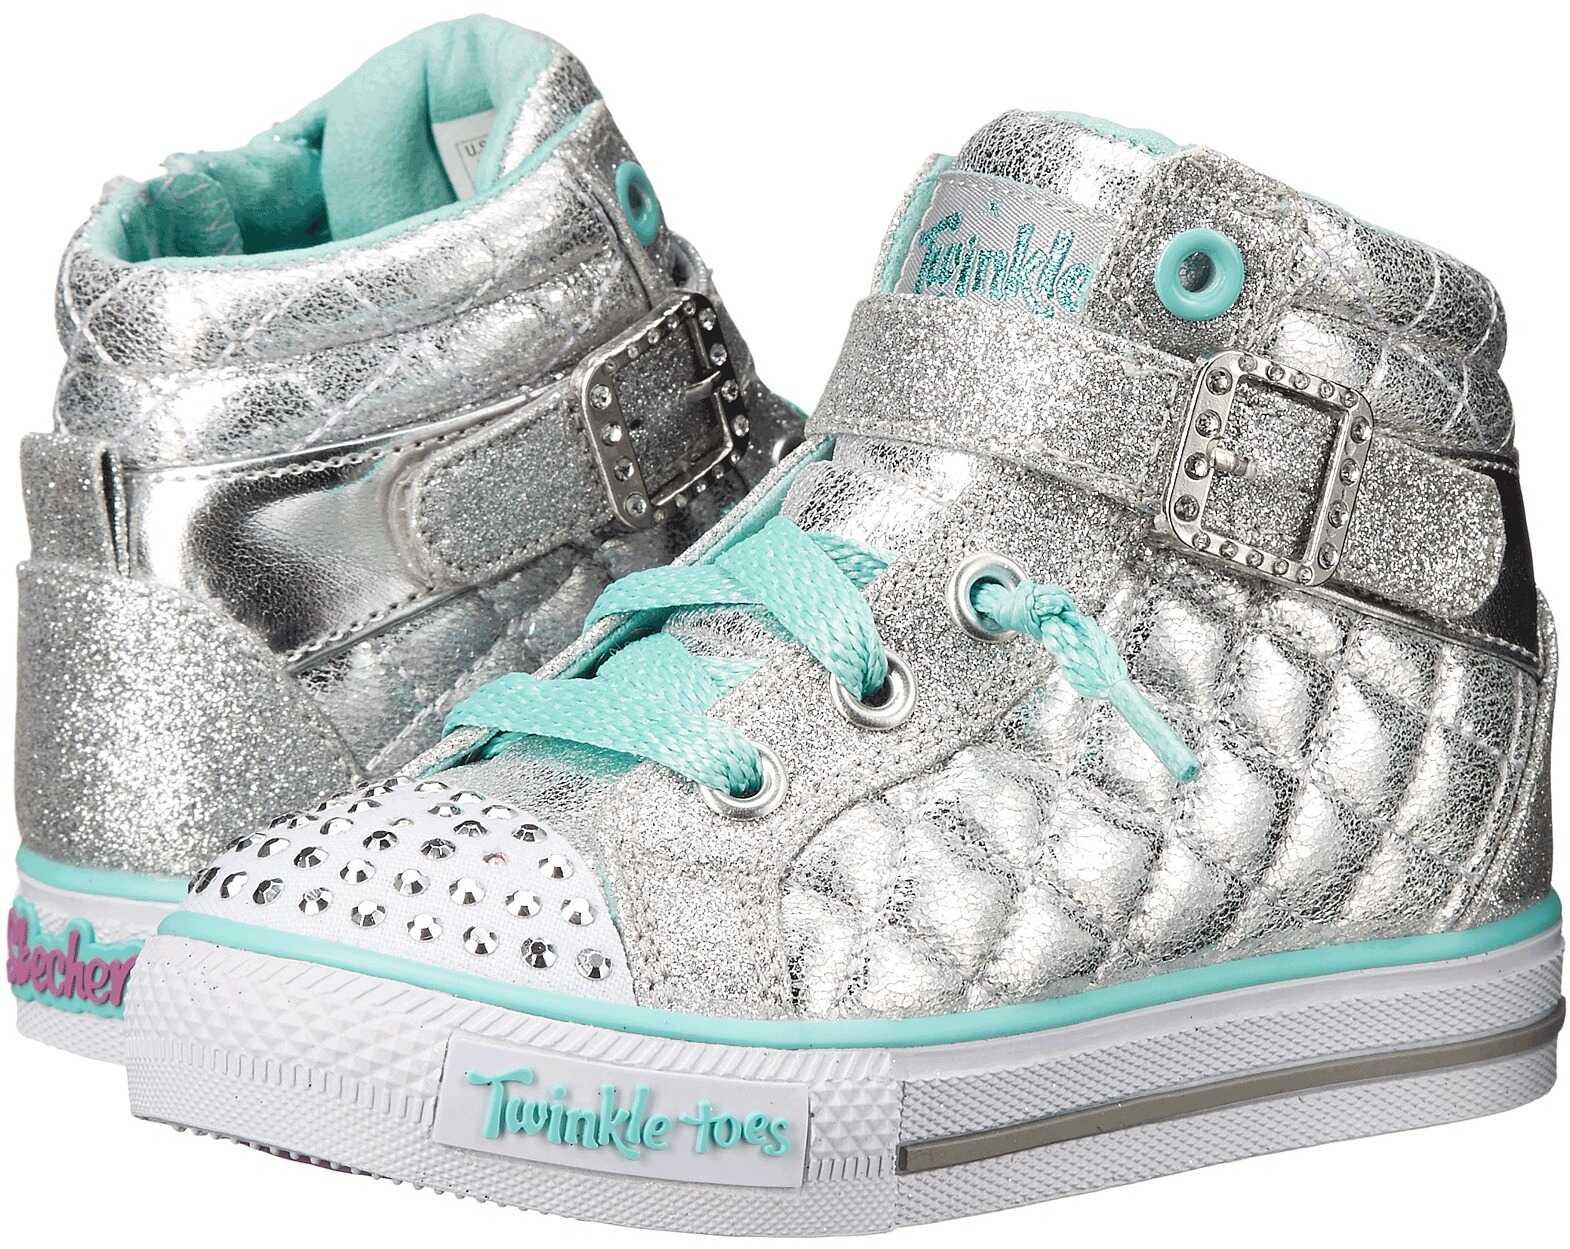 SKECHERS KIDS Twinkle Toes - Shuffles Sweetheart Sole (Infant/Toddler/Little Kid) Silver